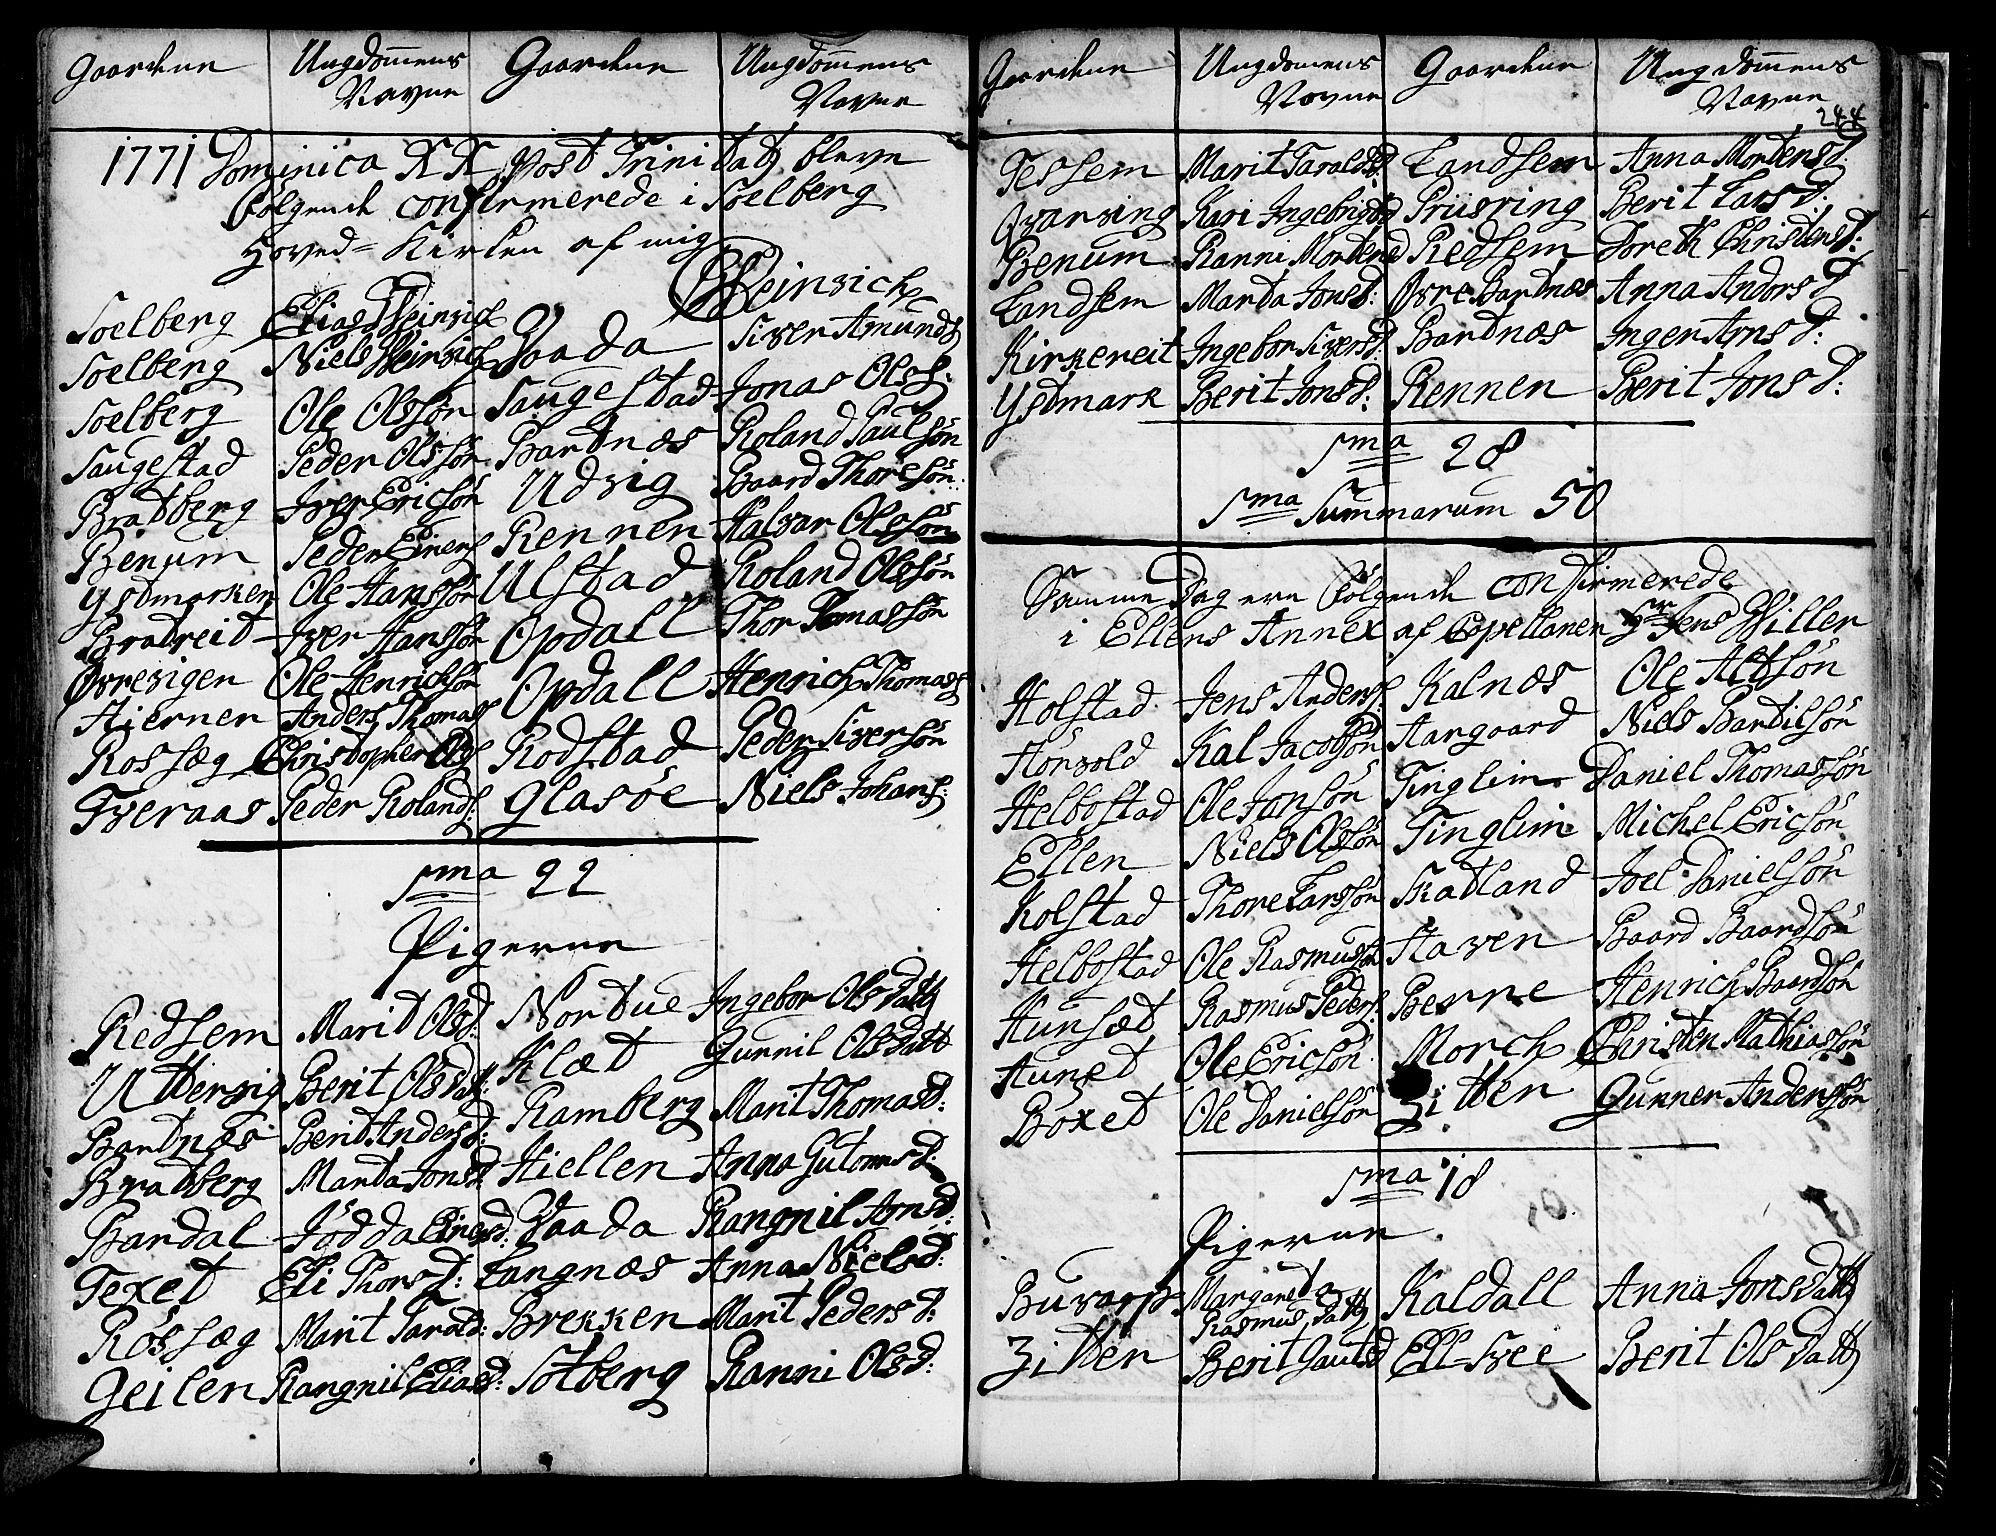 SAT, Ministerialprotokoller, klokkerbøker og fødselsregistre - Nord-Trøndelag, 741/L0385: Ministerialbok nr. 741A01, 1722-1815, s. 244